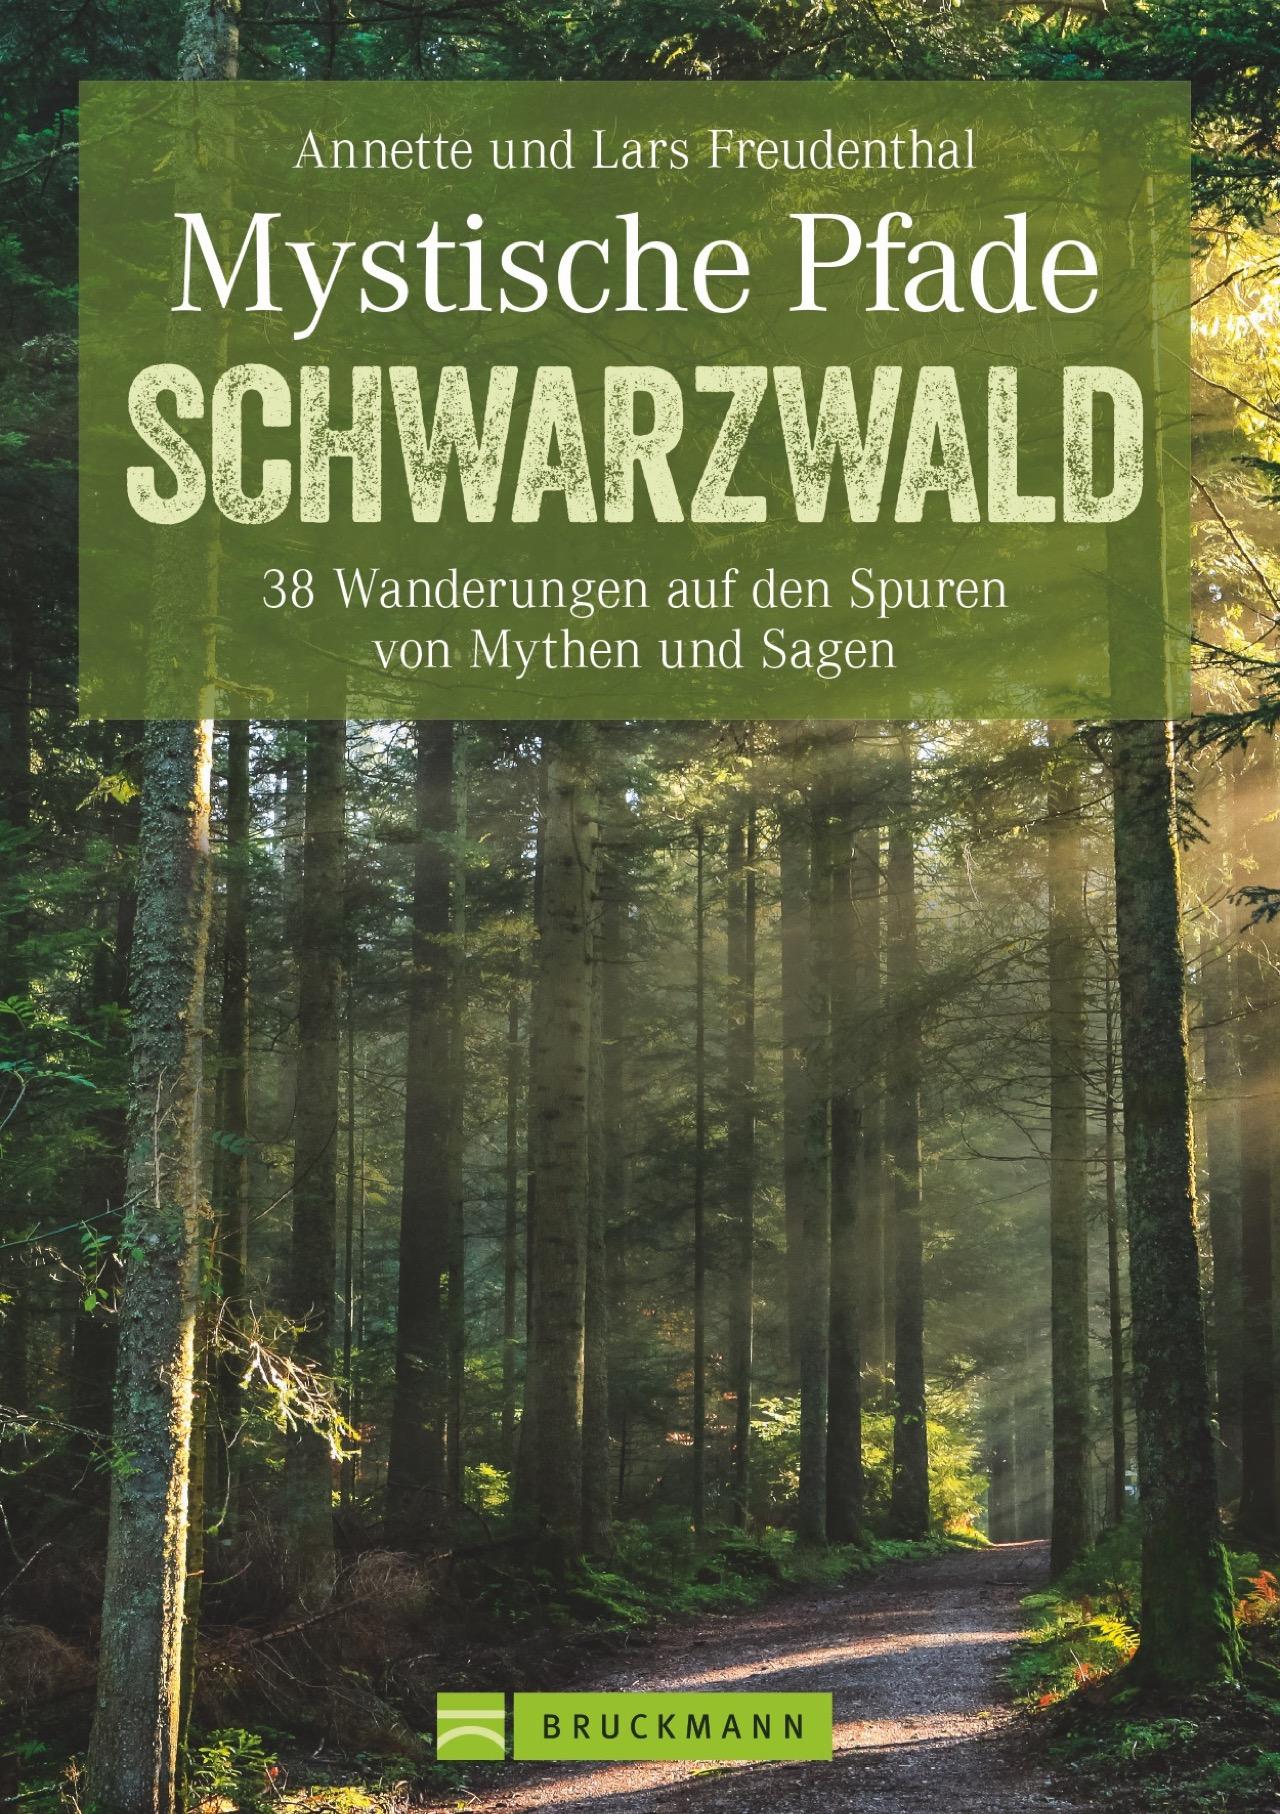 Mystische Pfade Schwarzwald Lars Freudenthal 9783765482649